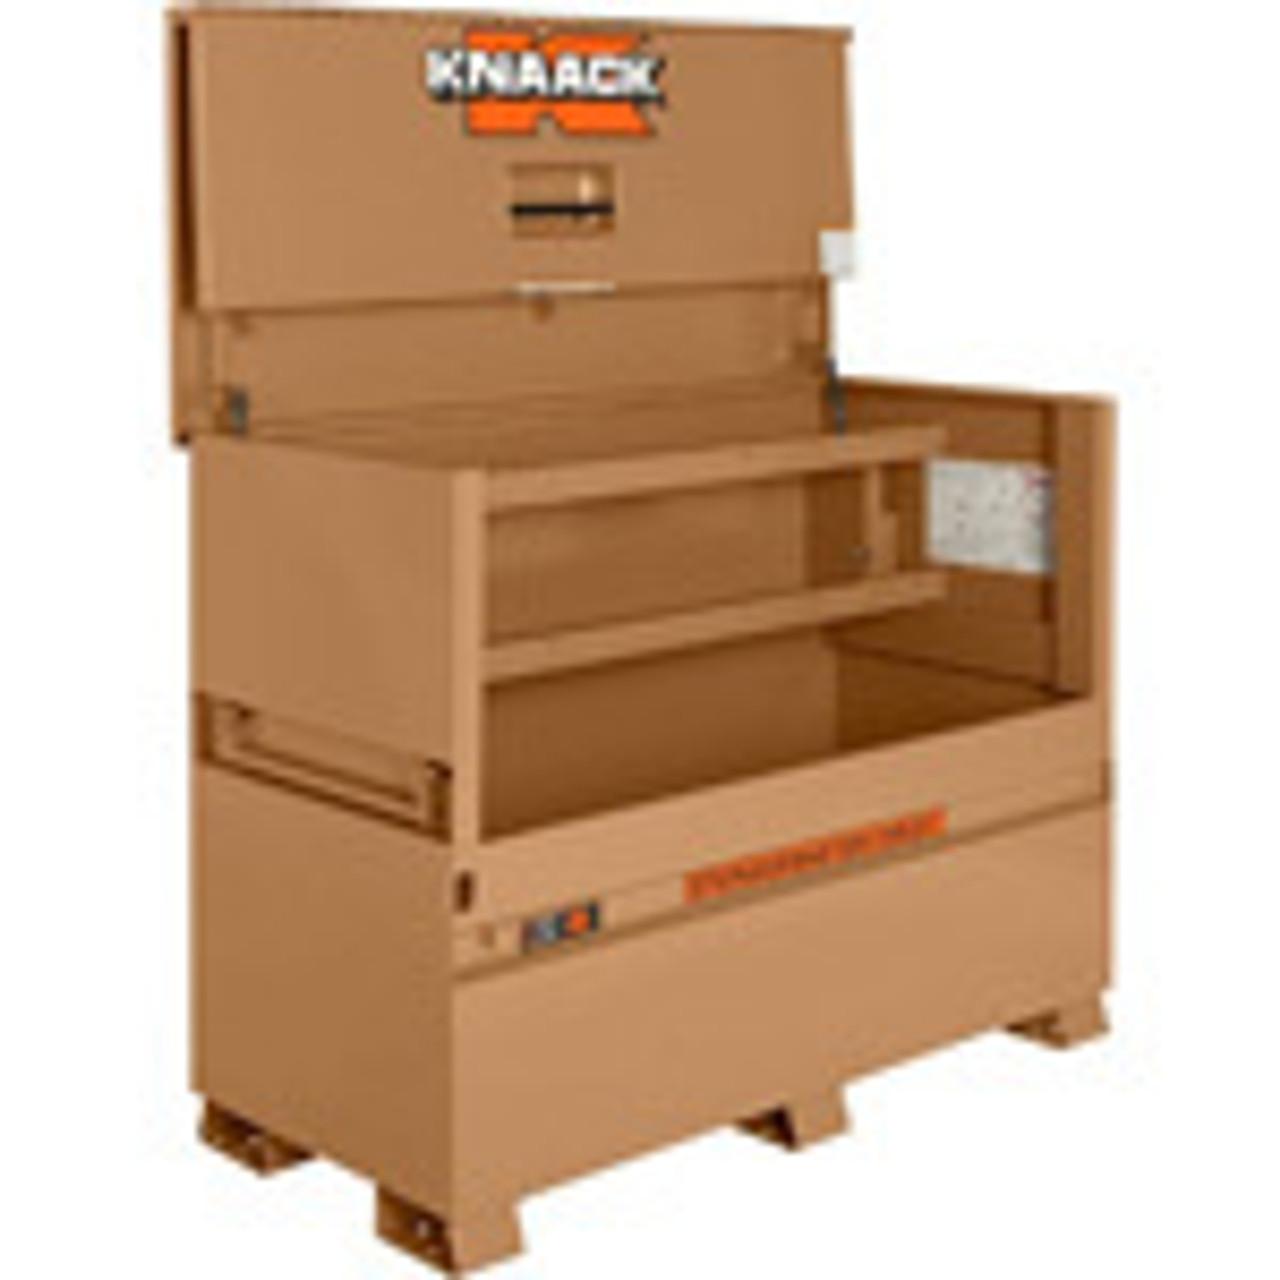 Knaack - Jobsite Storage